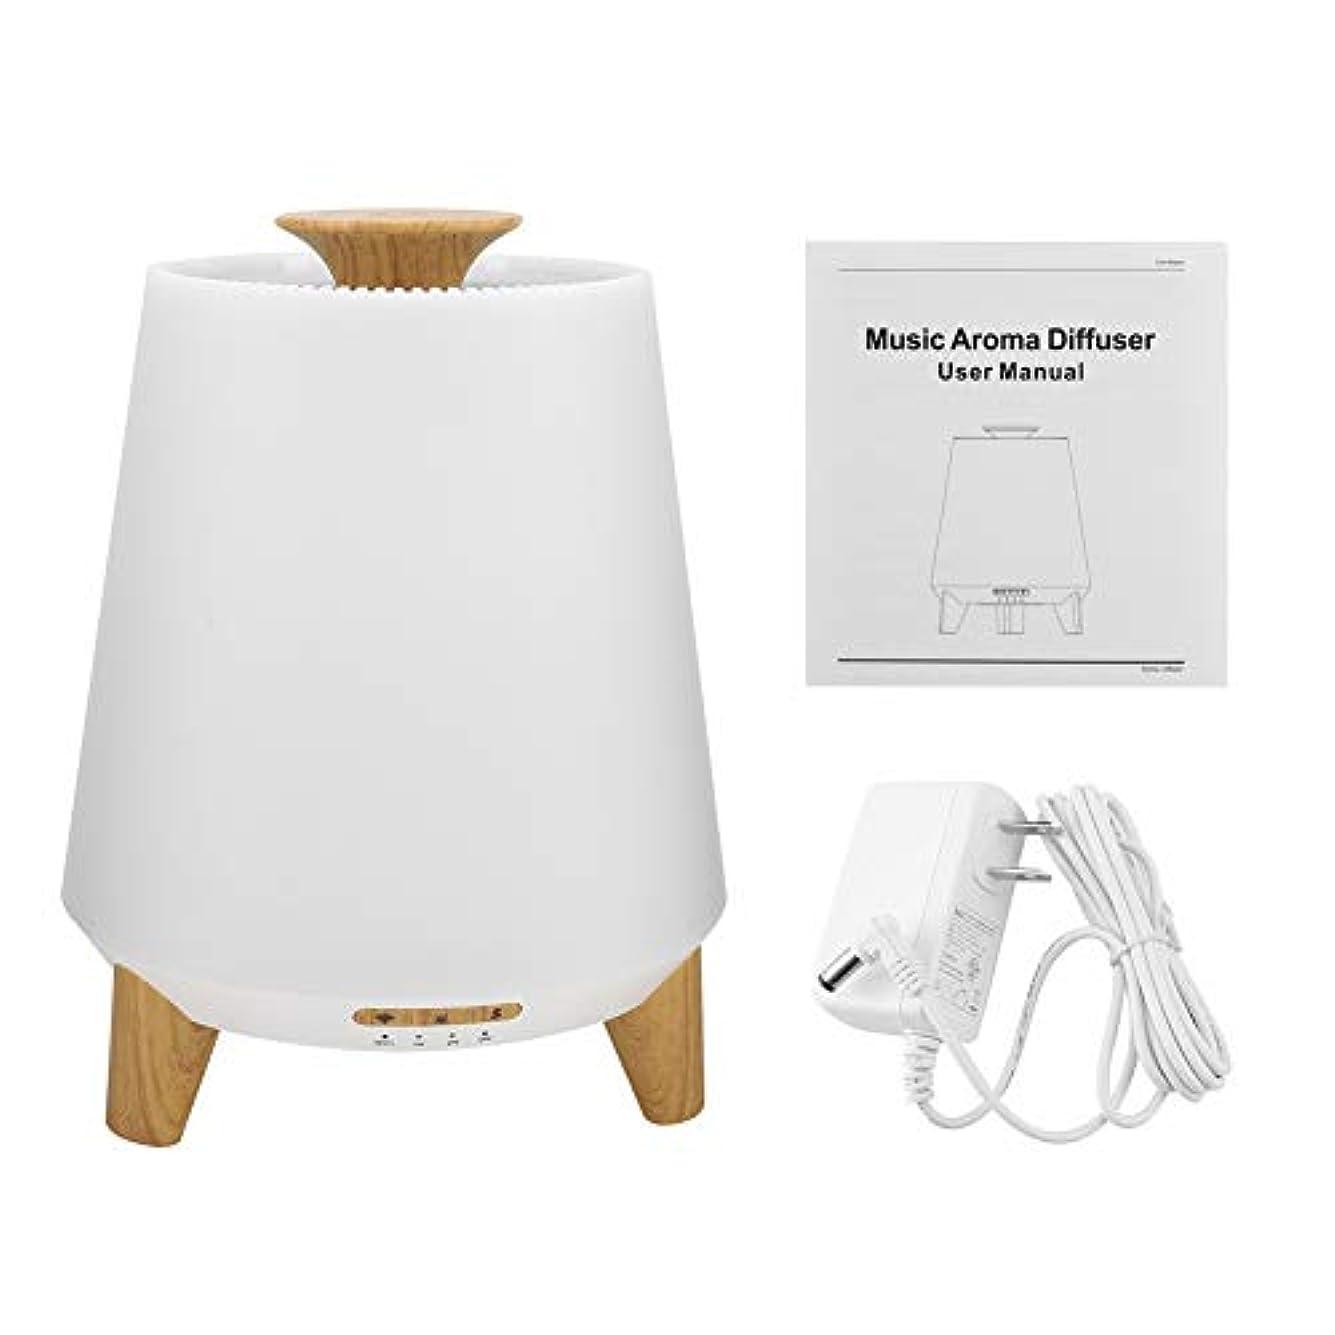 フィットオーガニック飢加湿器 アロマディフューザー 音楽プレーヤー 3 in 1 7色LEDライト クールミスト WIFI スマート 超音波 アロマ エッセンシャルオイル 互換性用 300ml(#1)